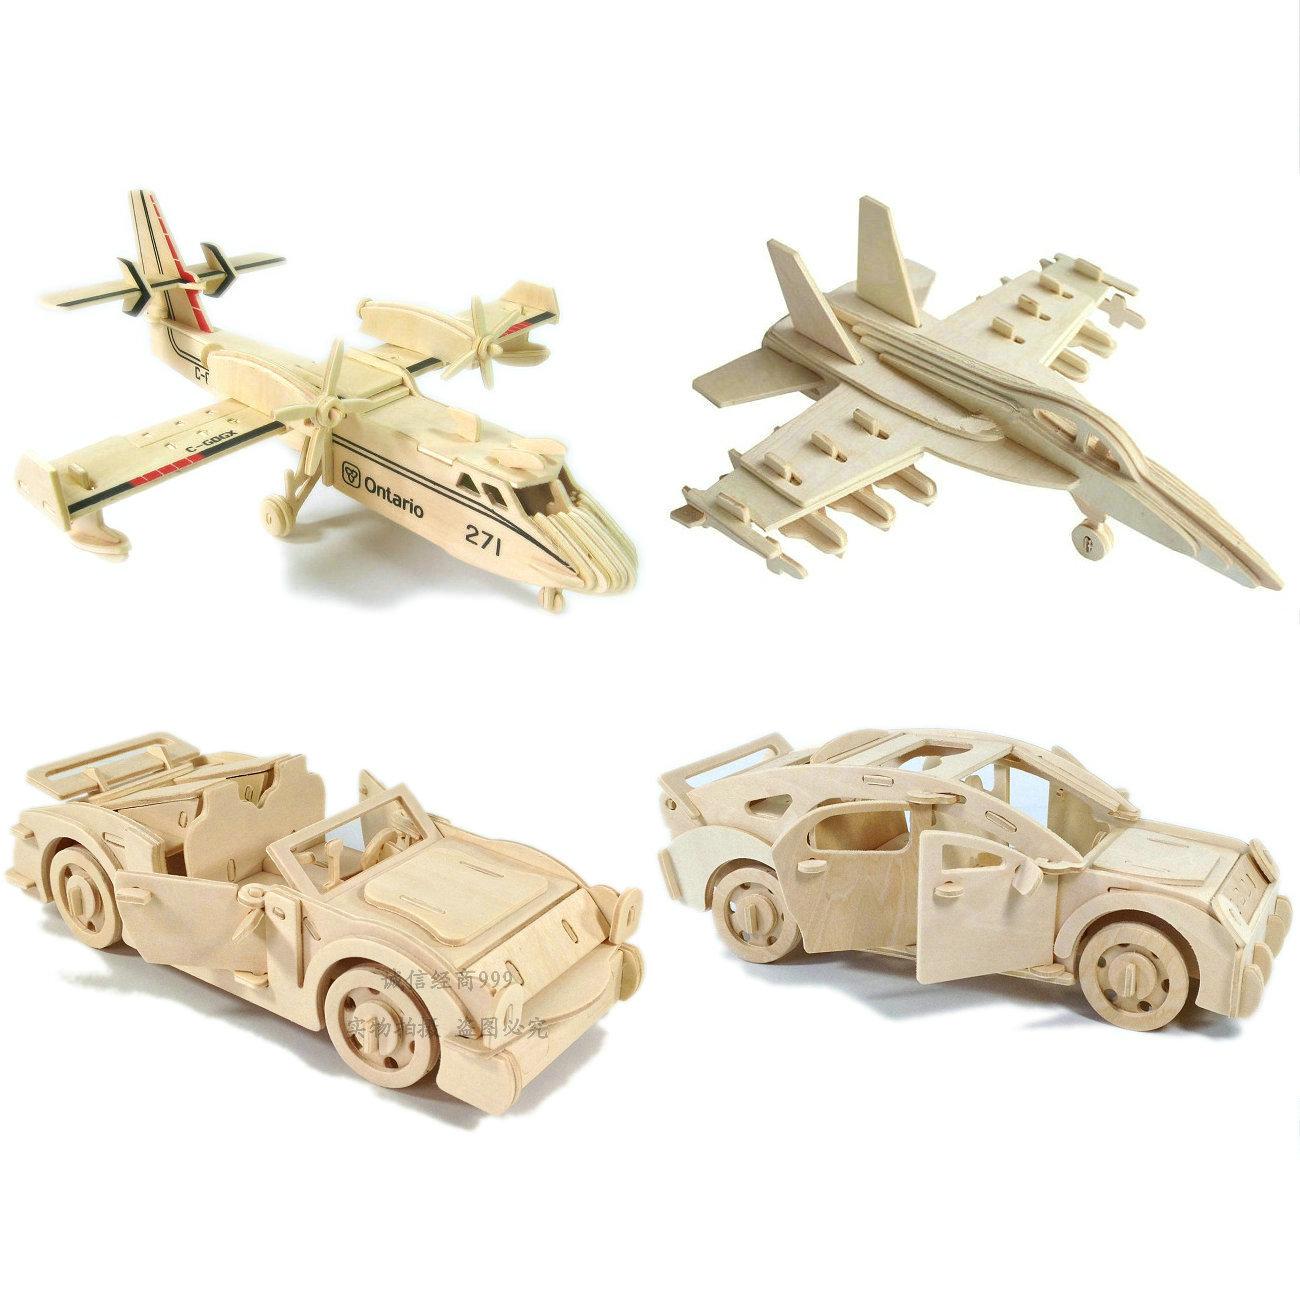 木质飞机汽车儿童立体拼图玩具7-10-12岁小男孩子益智手工3D模型